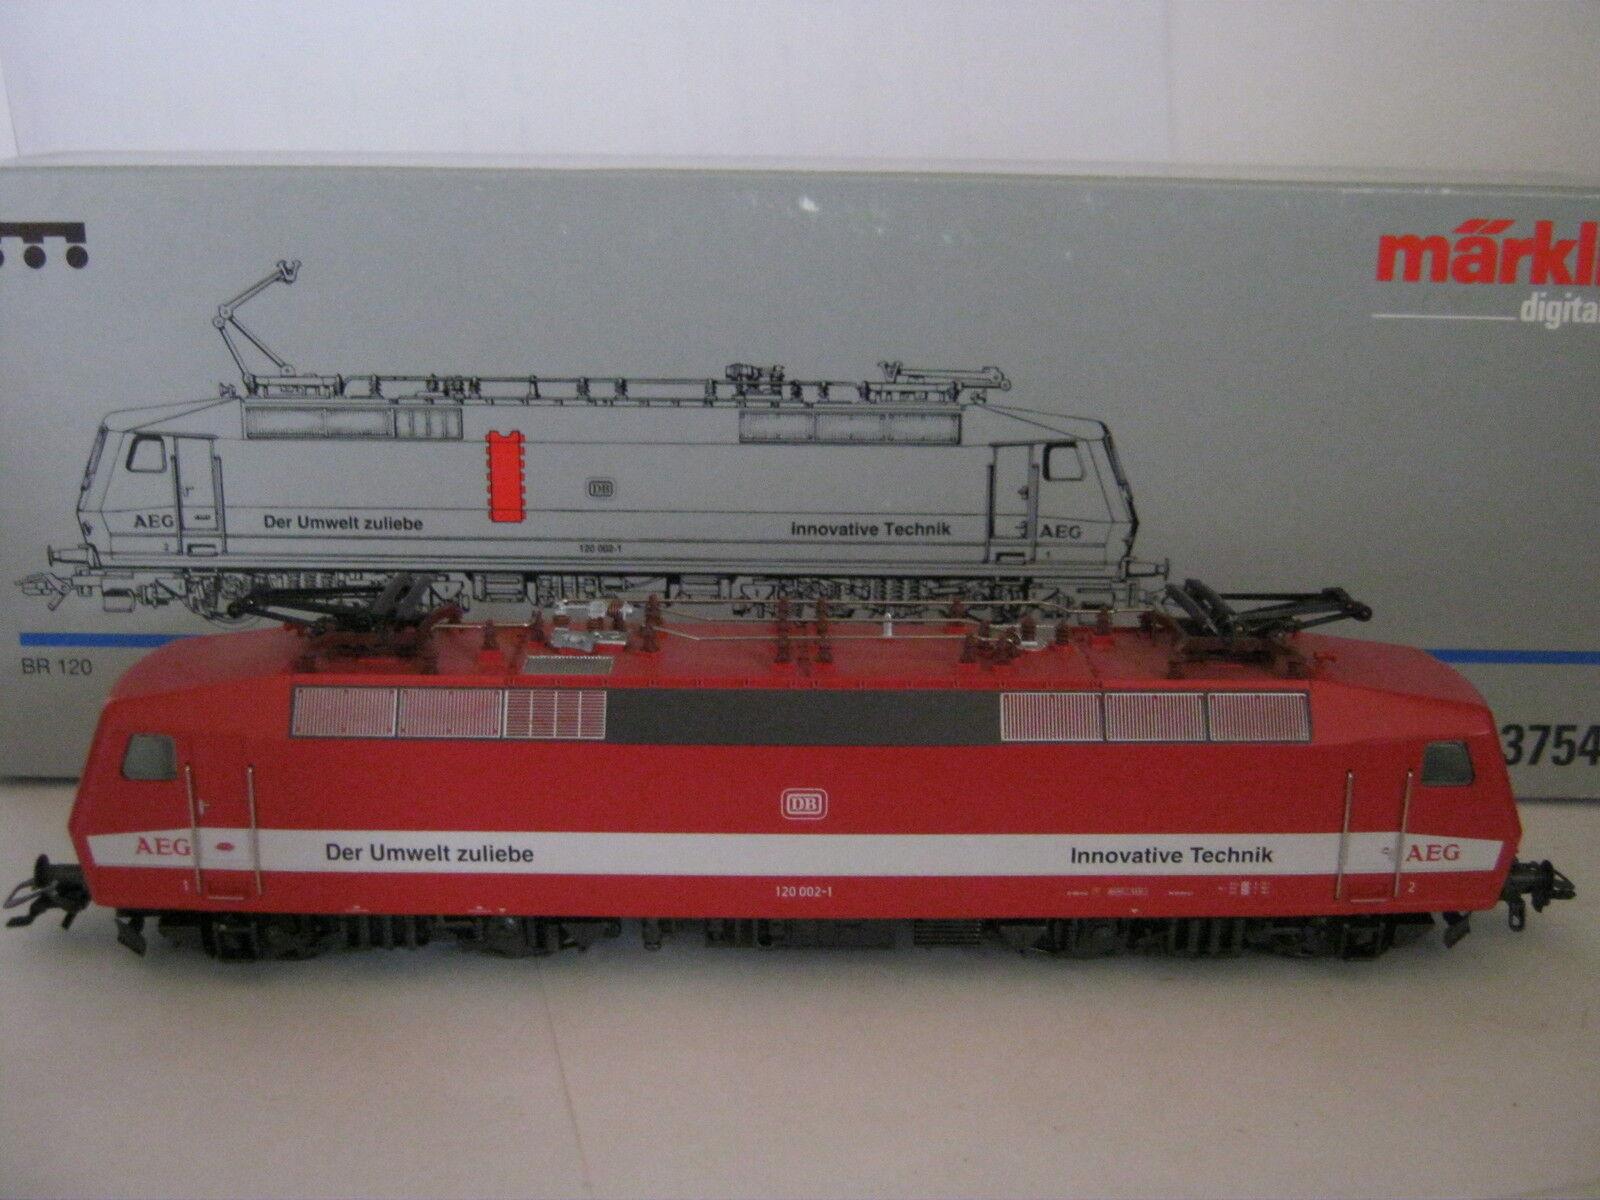 Digital Märklin ho 3754 Elektro-Lok kbtrnr 120 002-1 DB de medio ambiente (rg ax 76s1)